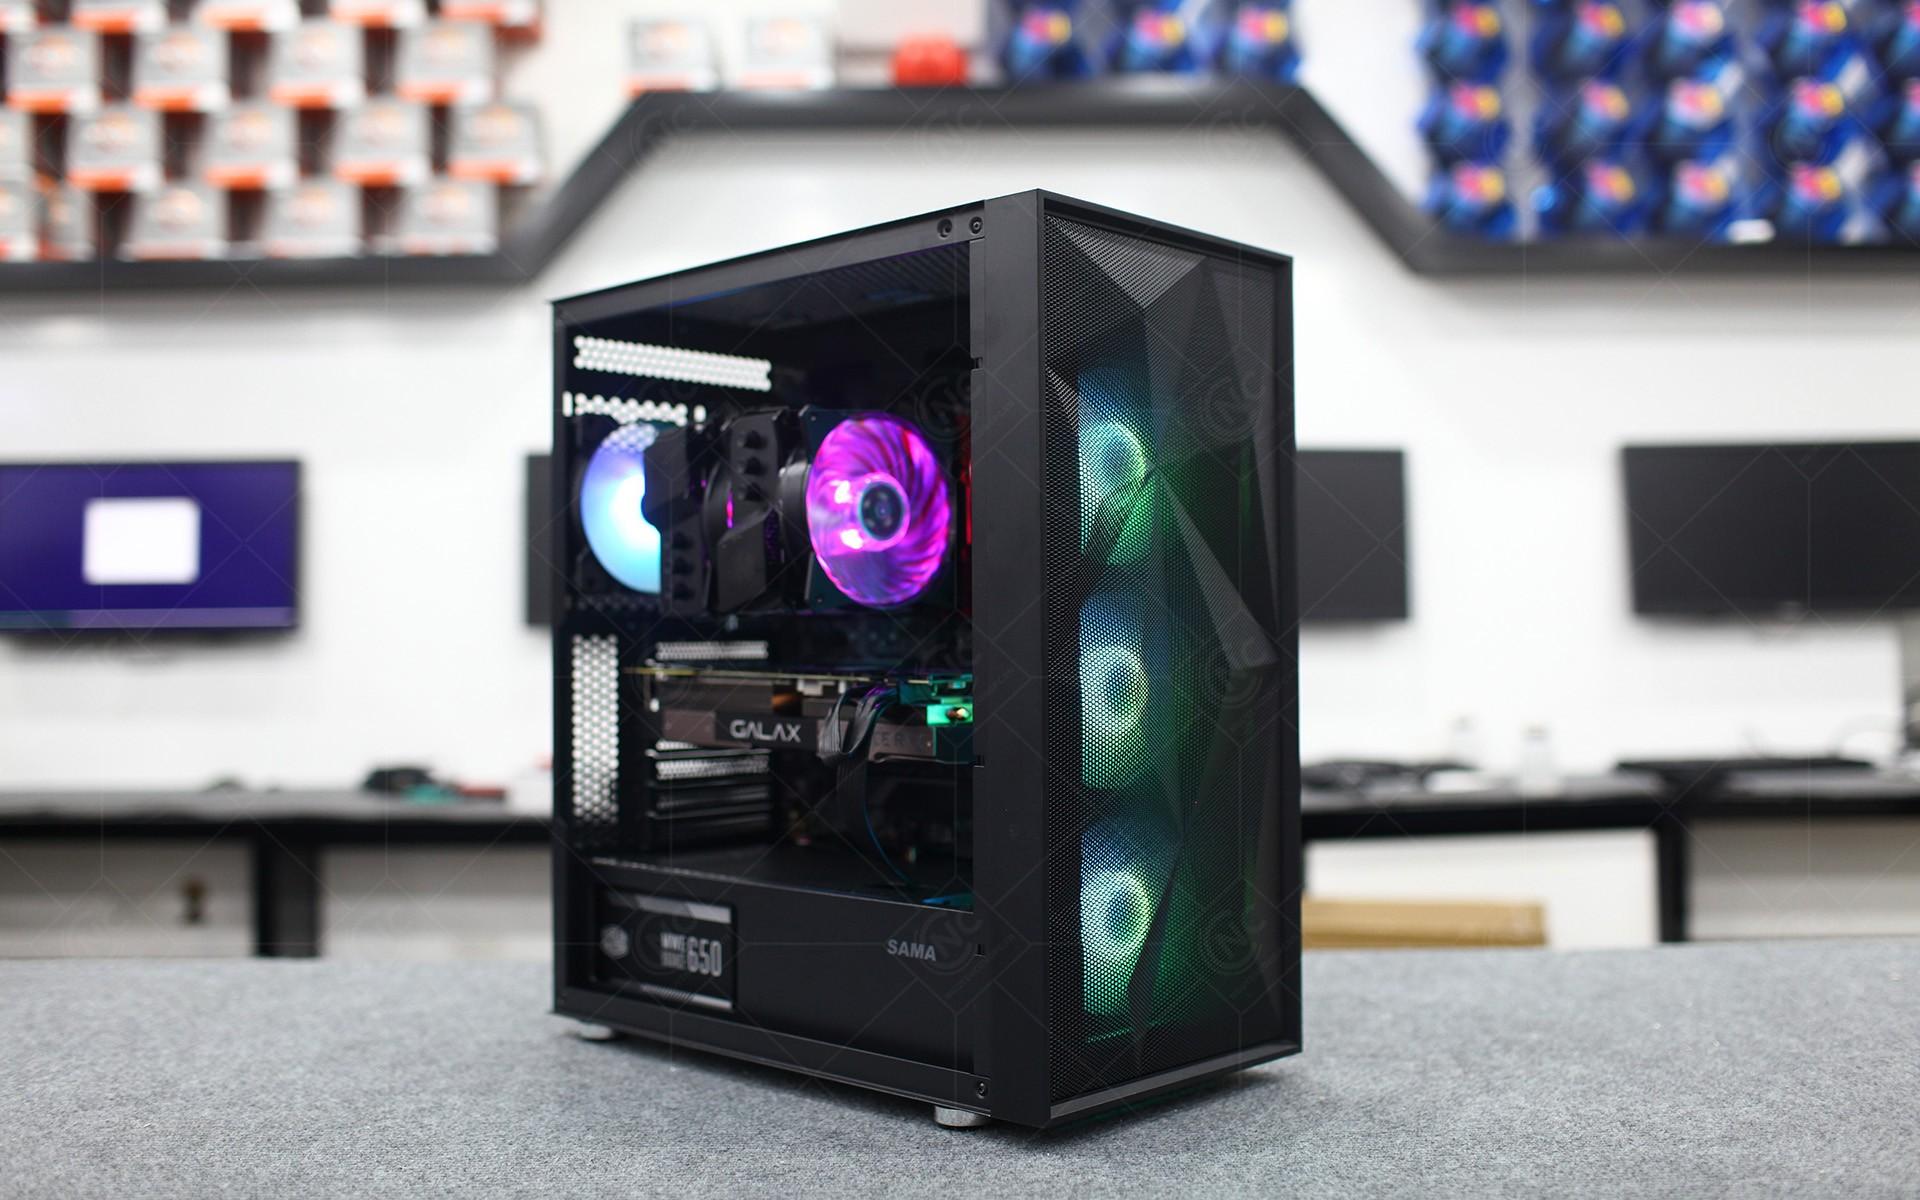 Vỏ Case SAMA 3708 kèm sẵn 3 FAN RGB